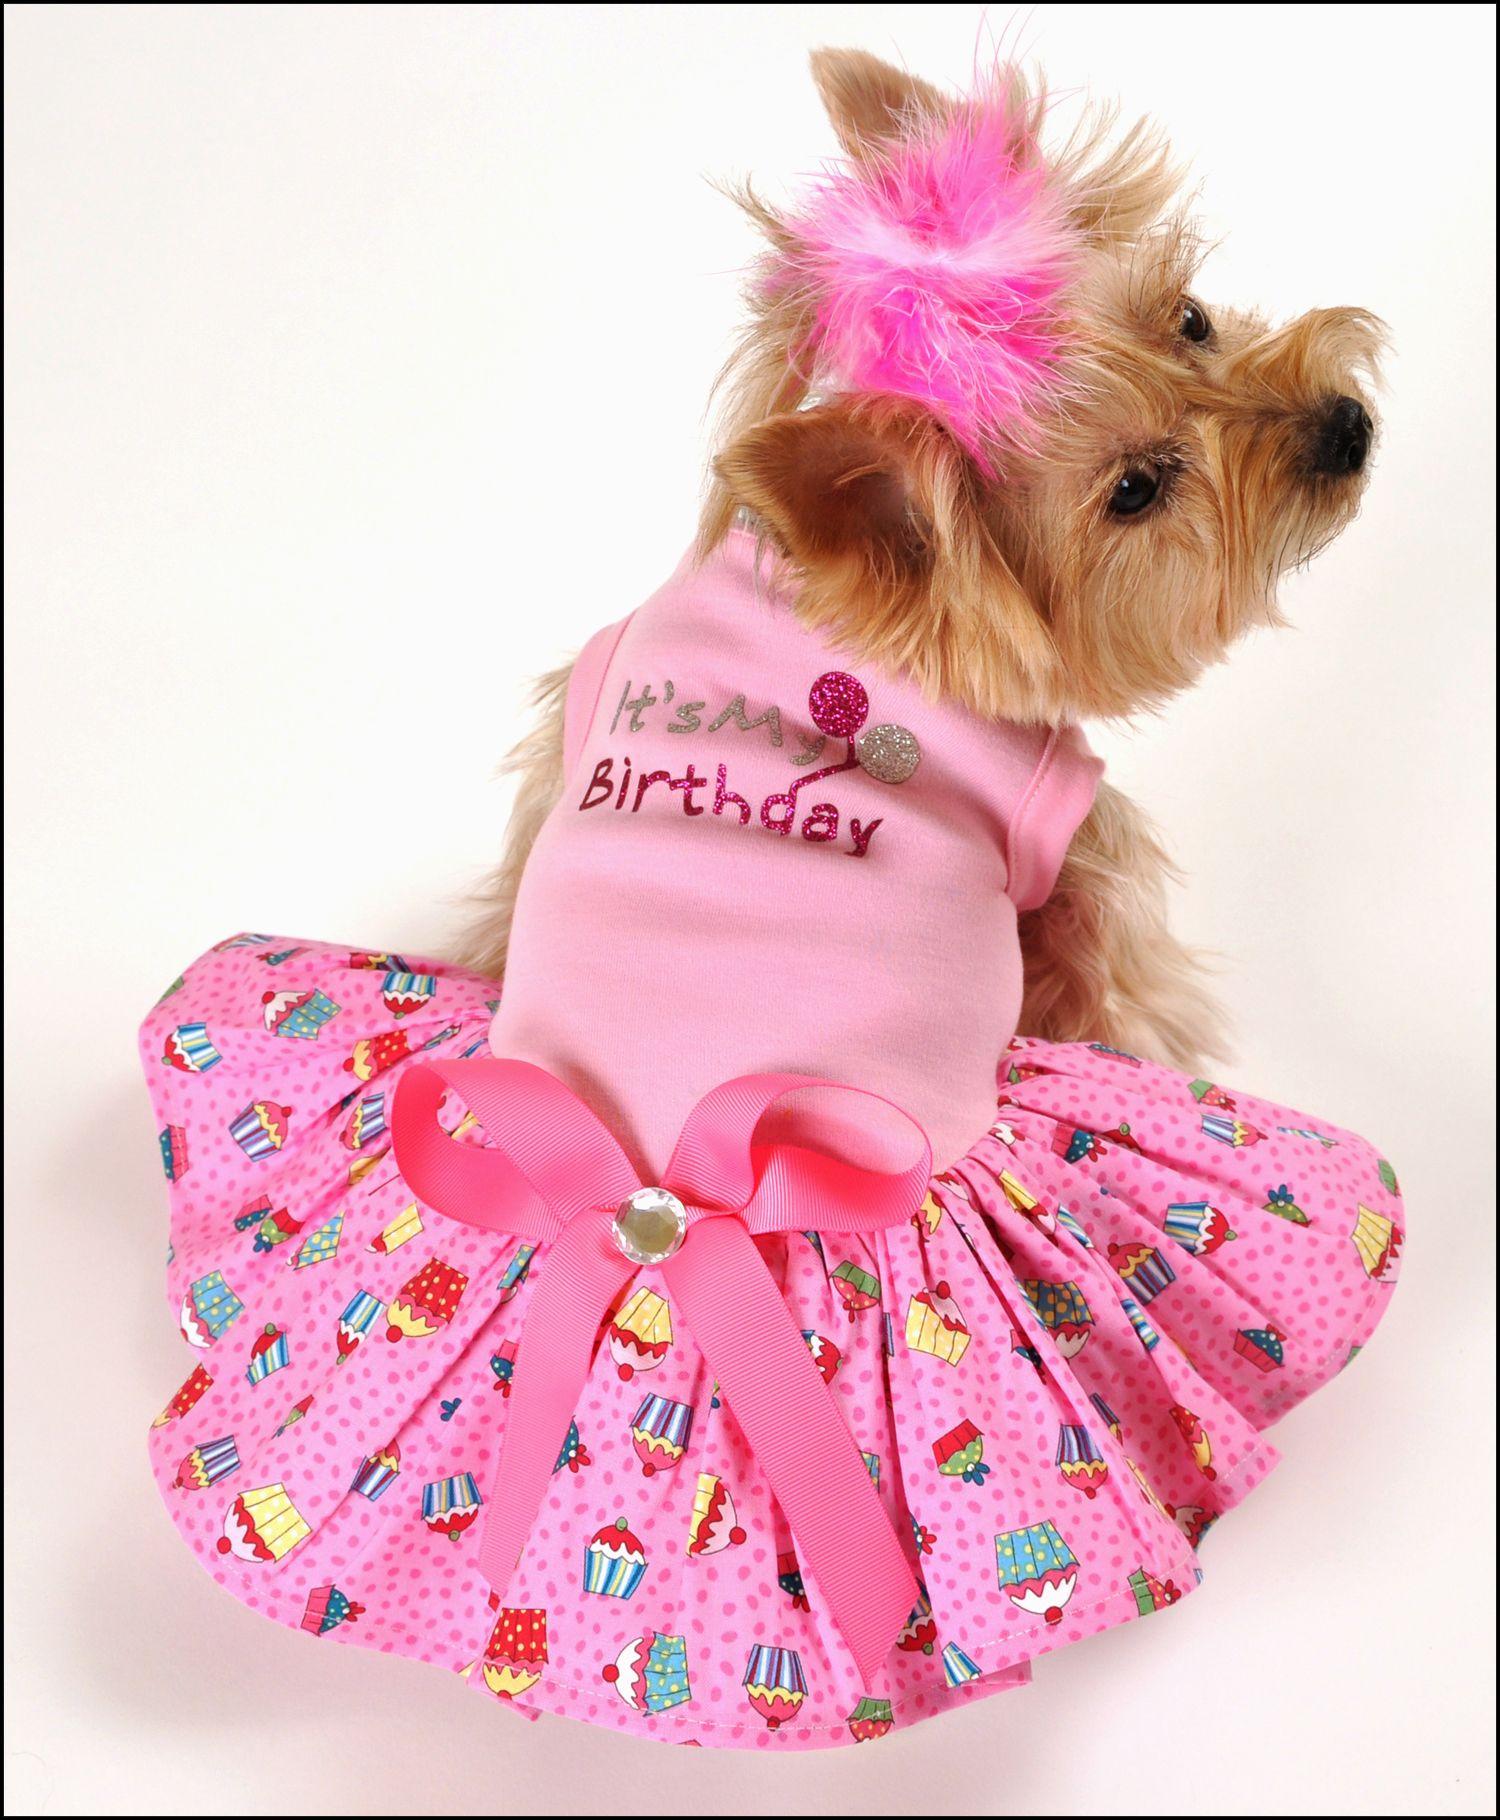 Dog Birthday Dress photo - 1